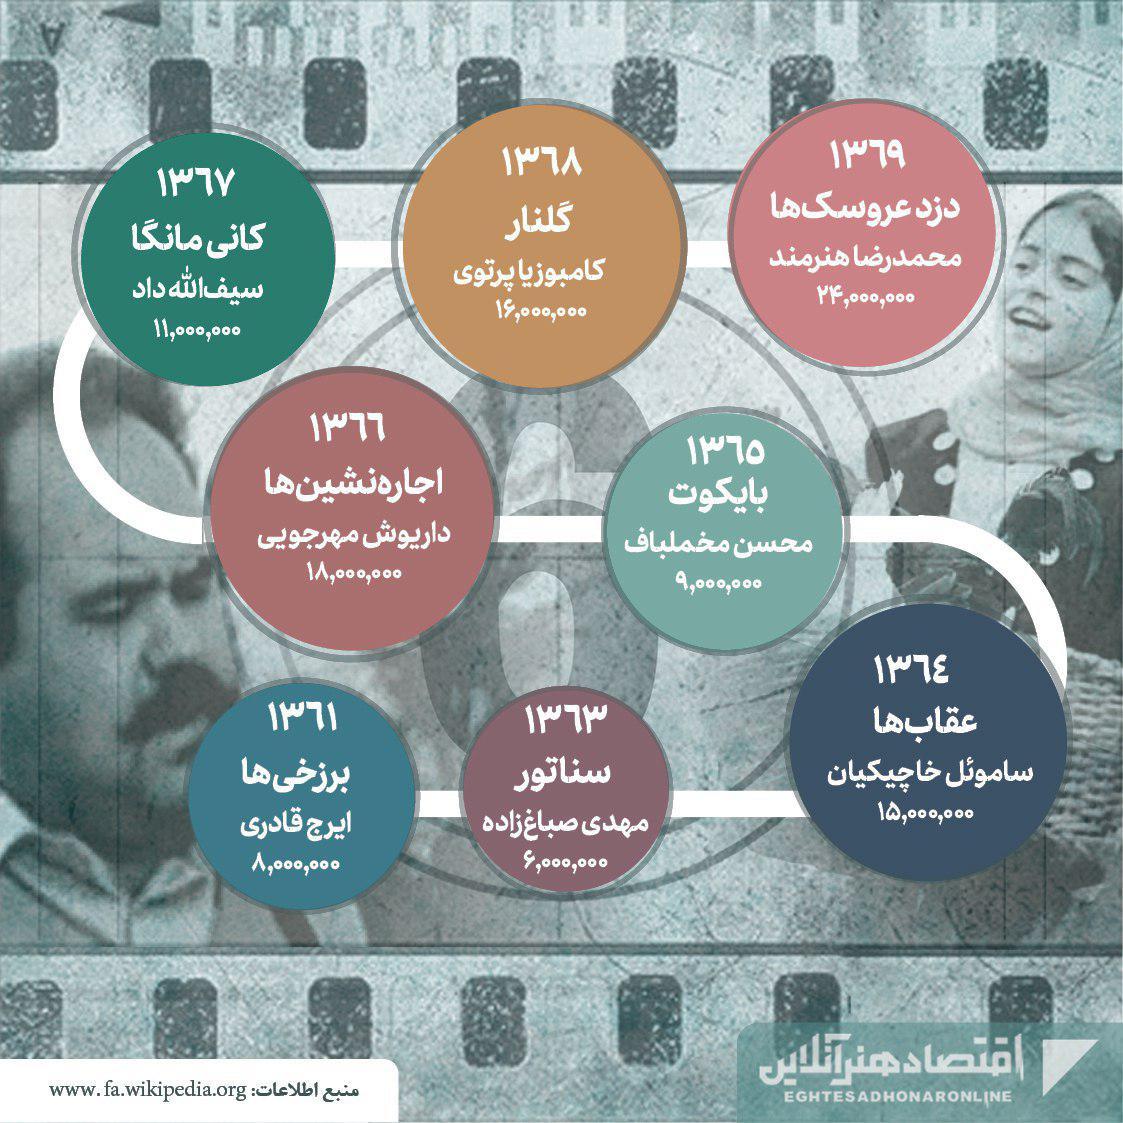 پرفروشترین فیلمهای تاریخ سینمای ایران04